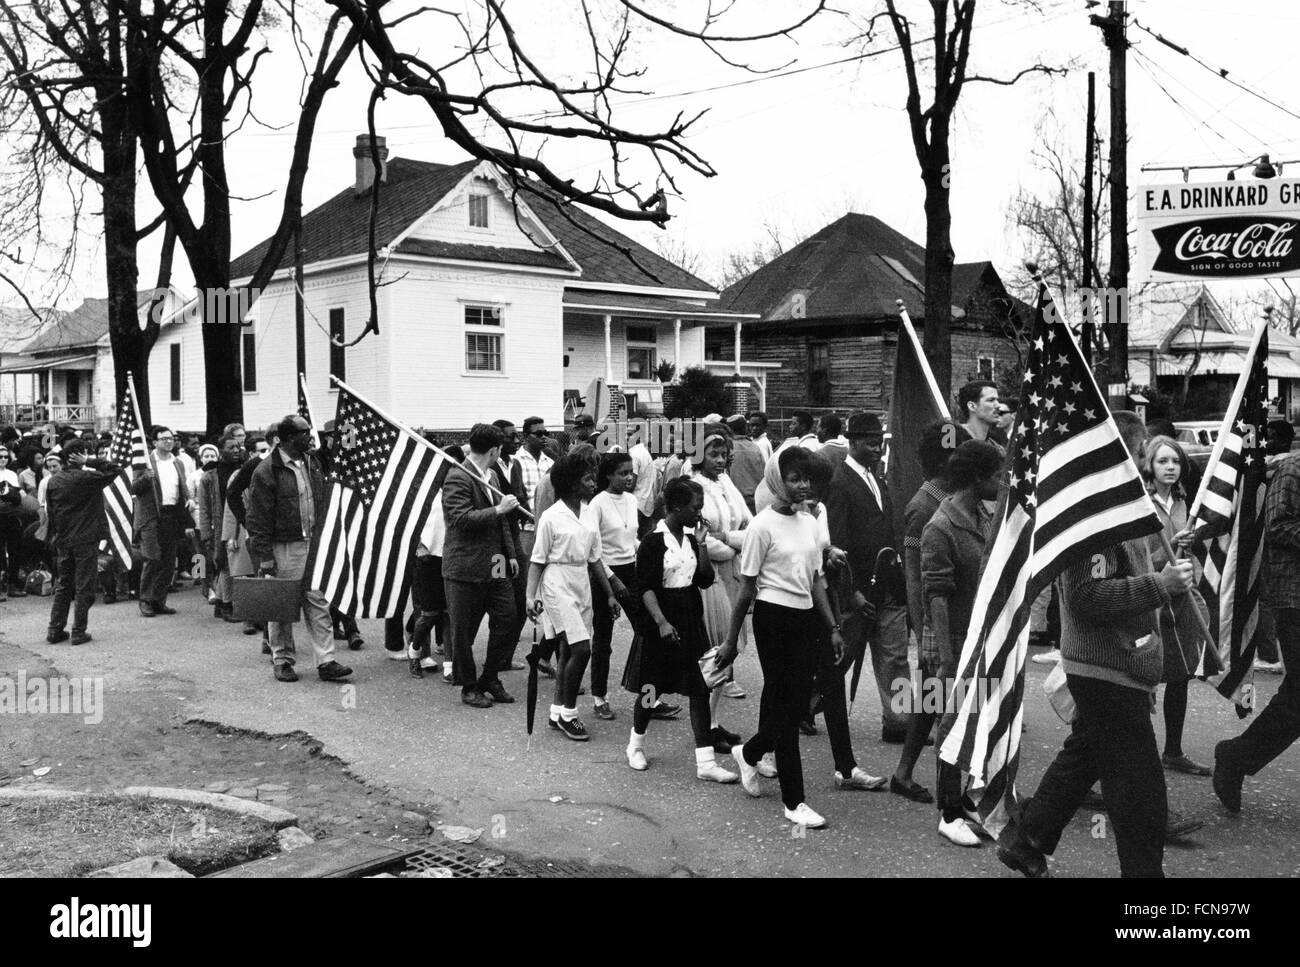 Selma marzo,1965. Los participantes en las marchas Mongomery a Selma, Alabama en 1965, EE.UU. Imagen De Stock